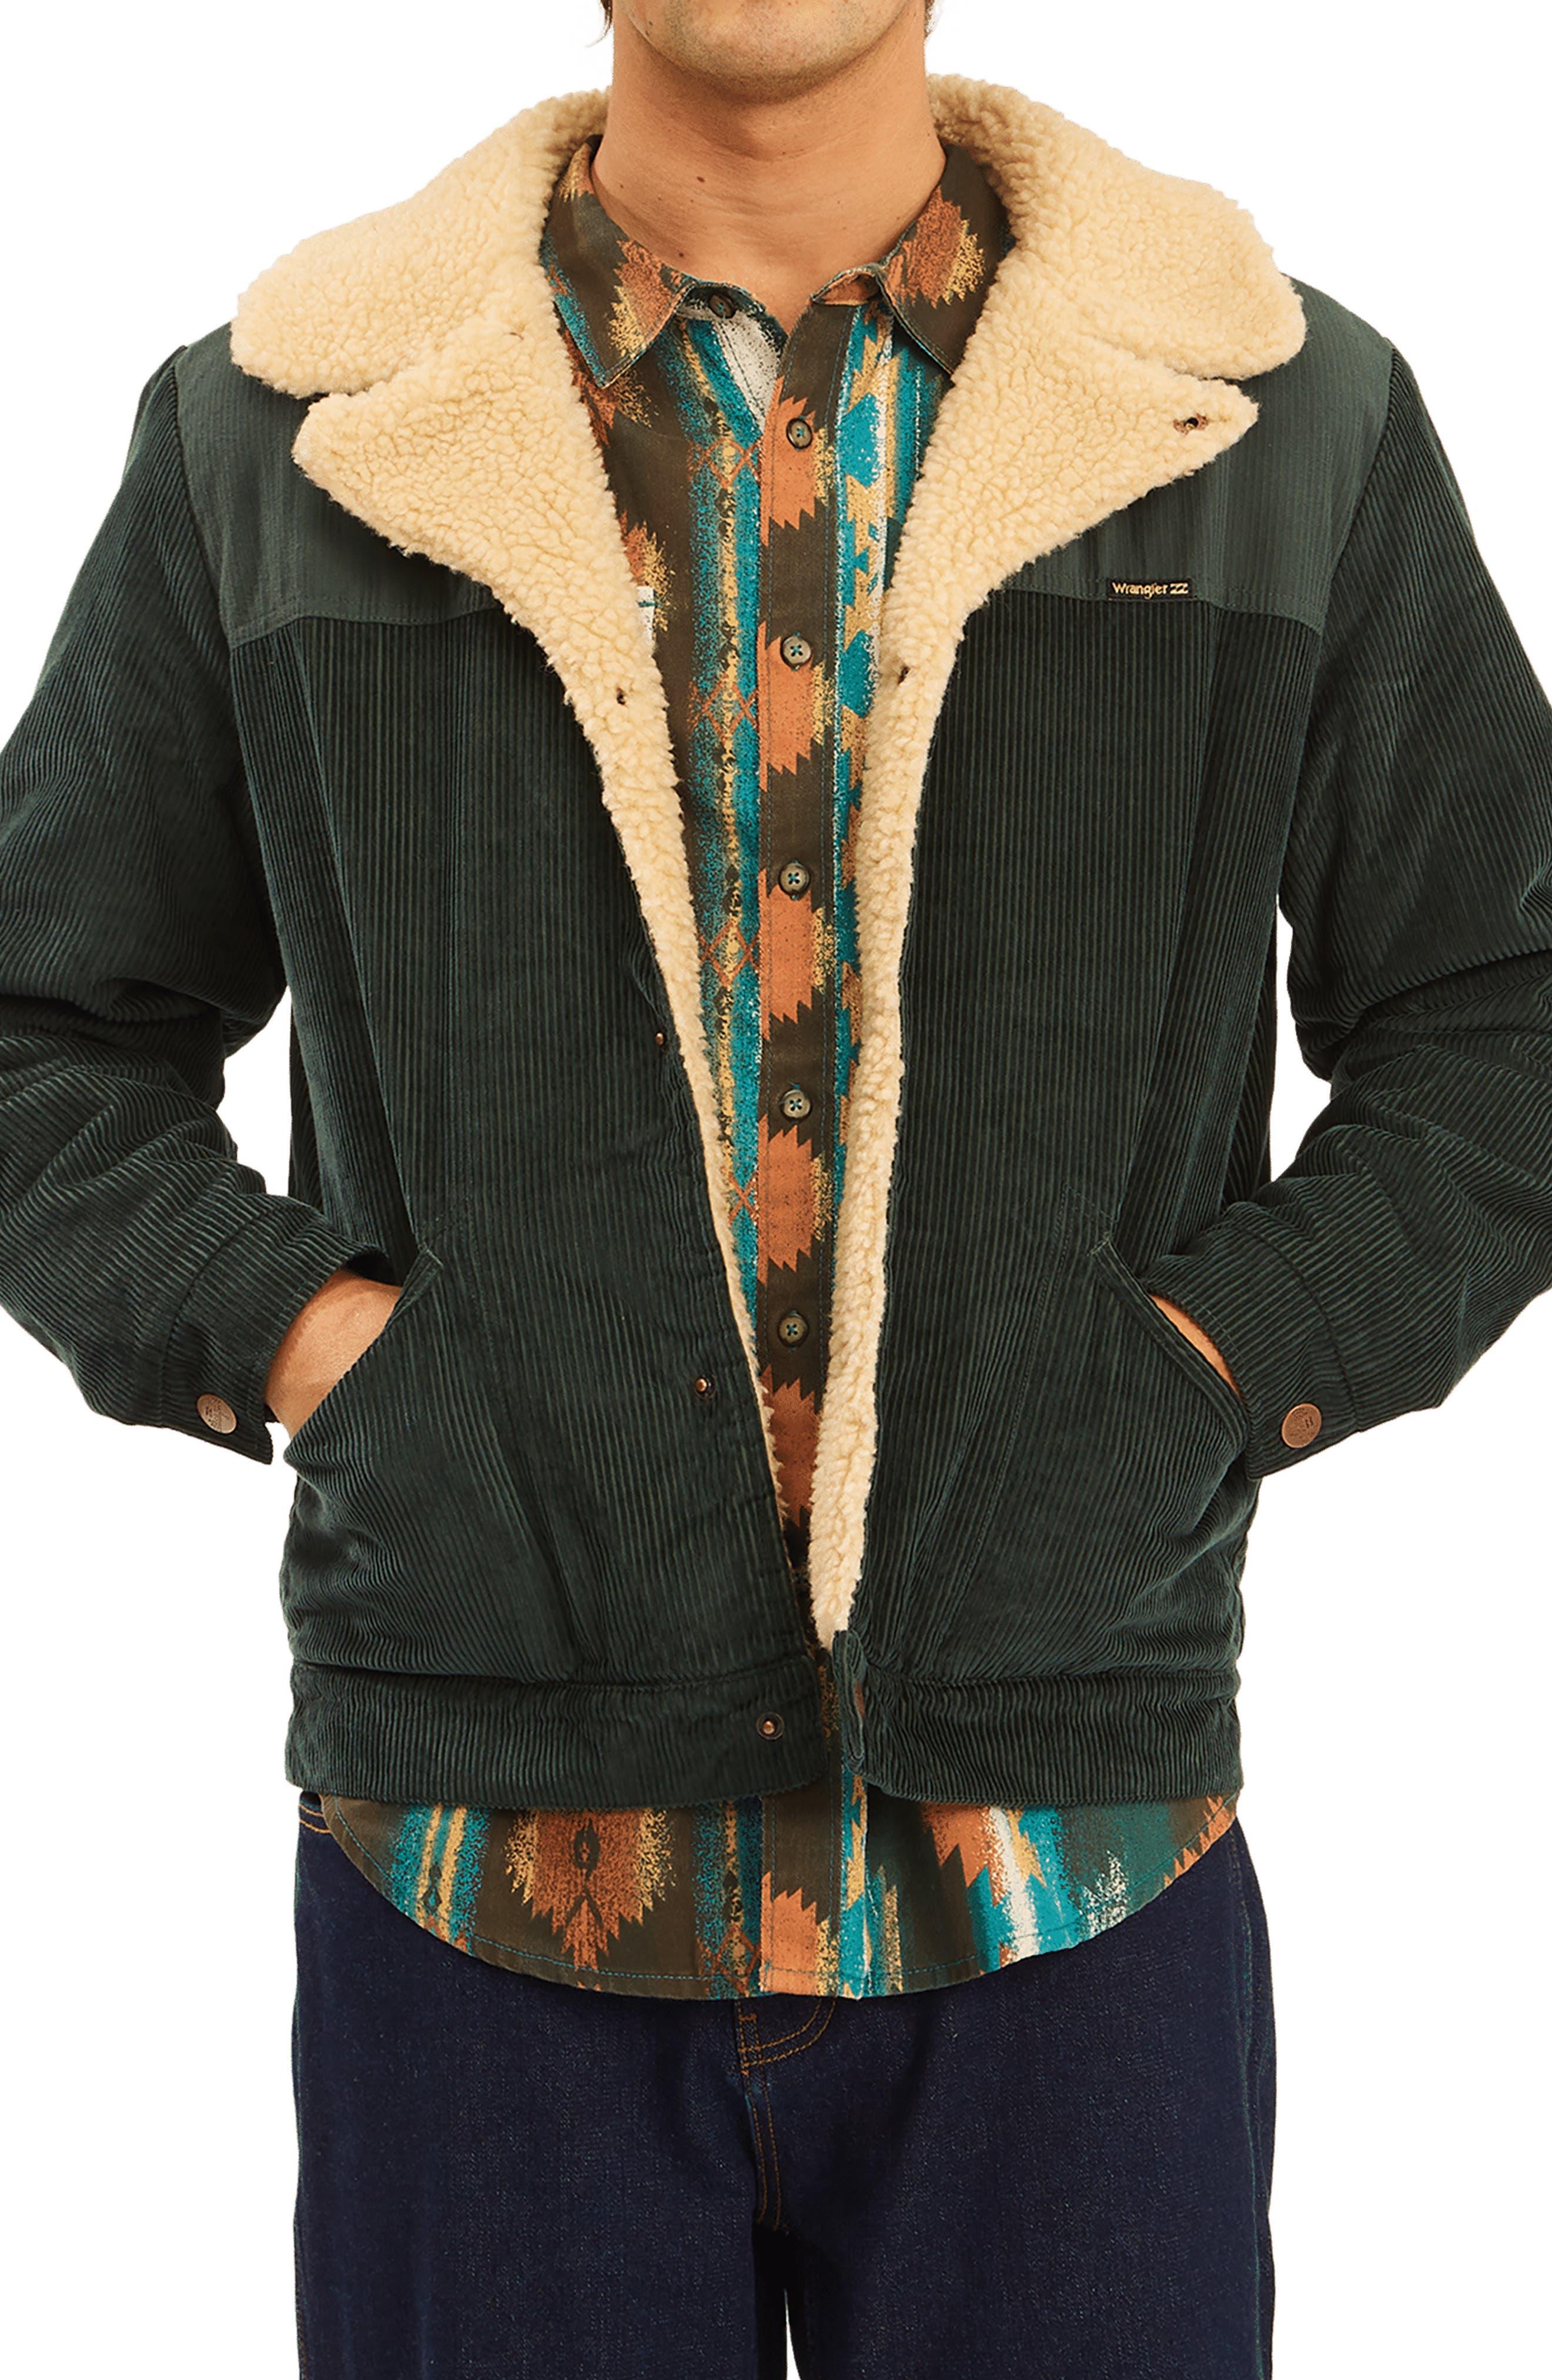 X Wrangler Range Fleece Lined Corduroy Jacket